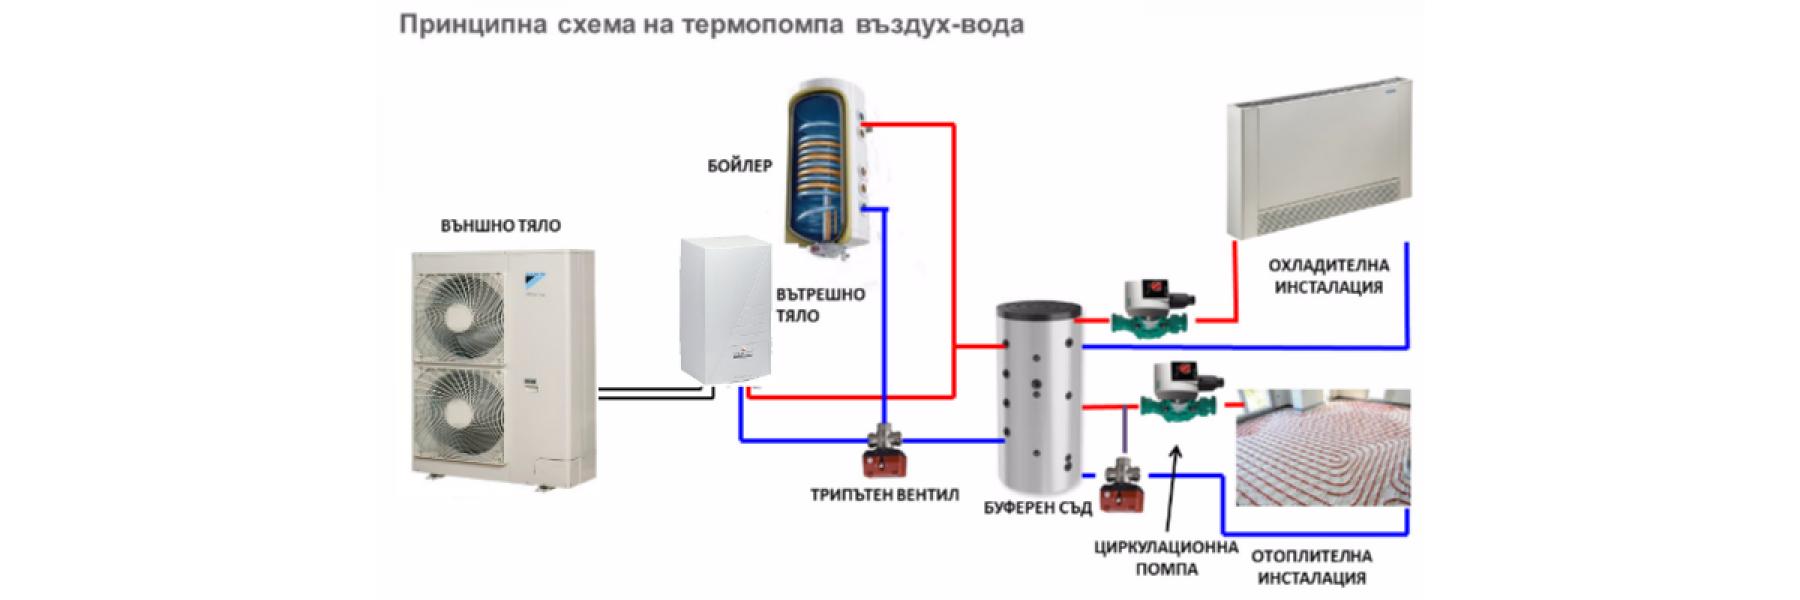 Термопомпи ВЪЗДУХ - ВОДА